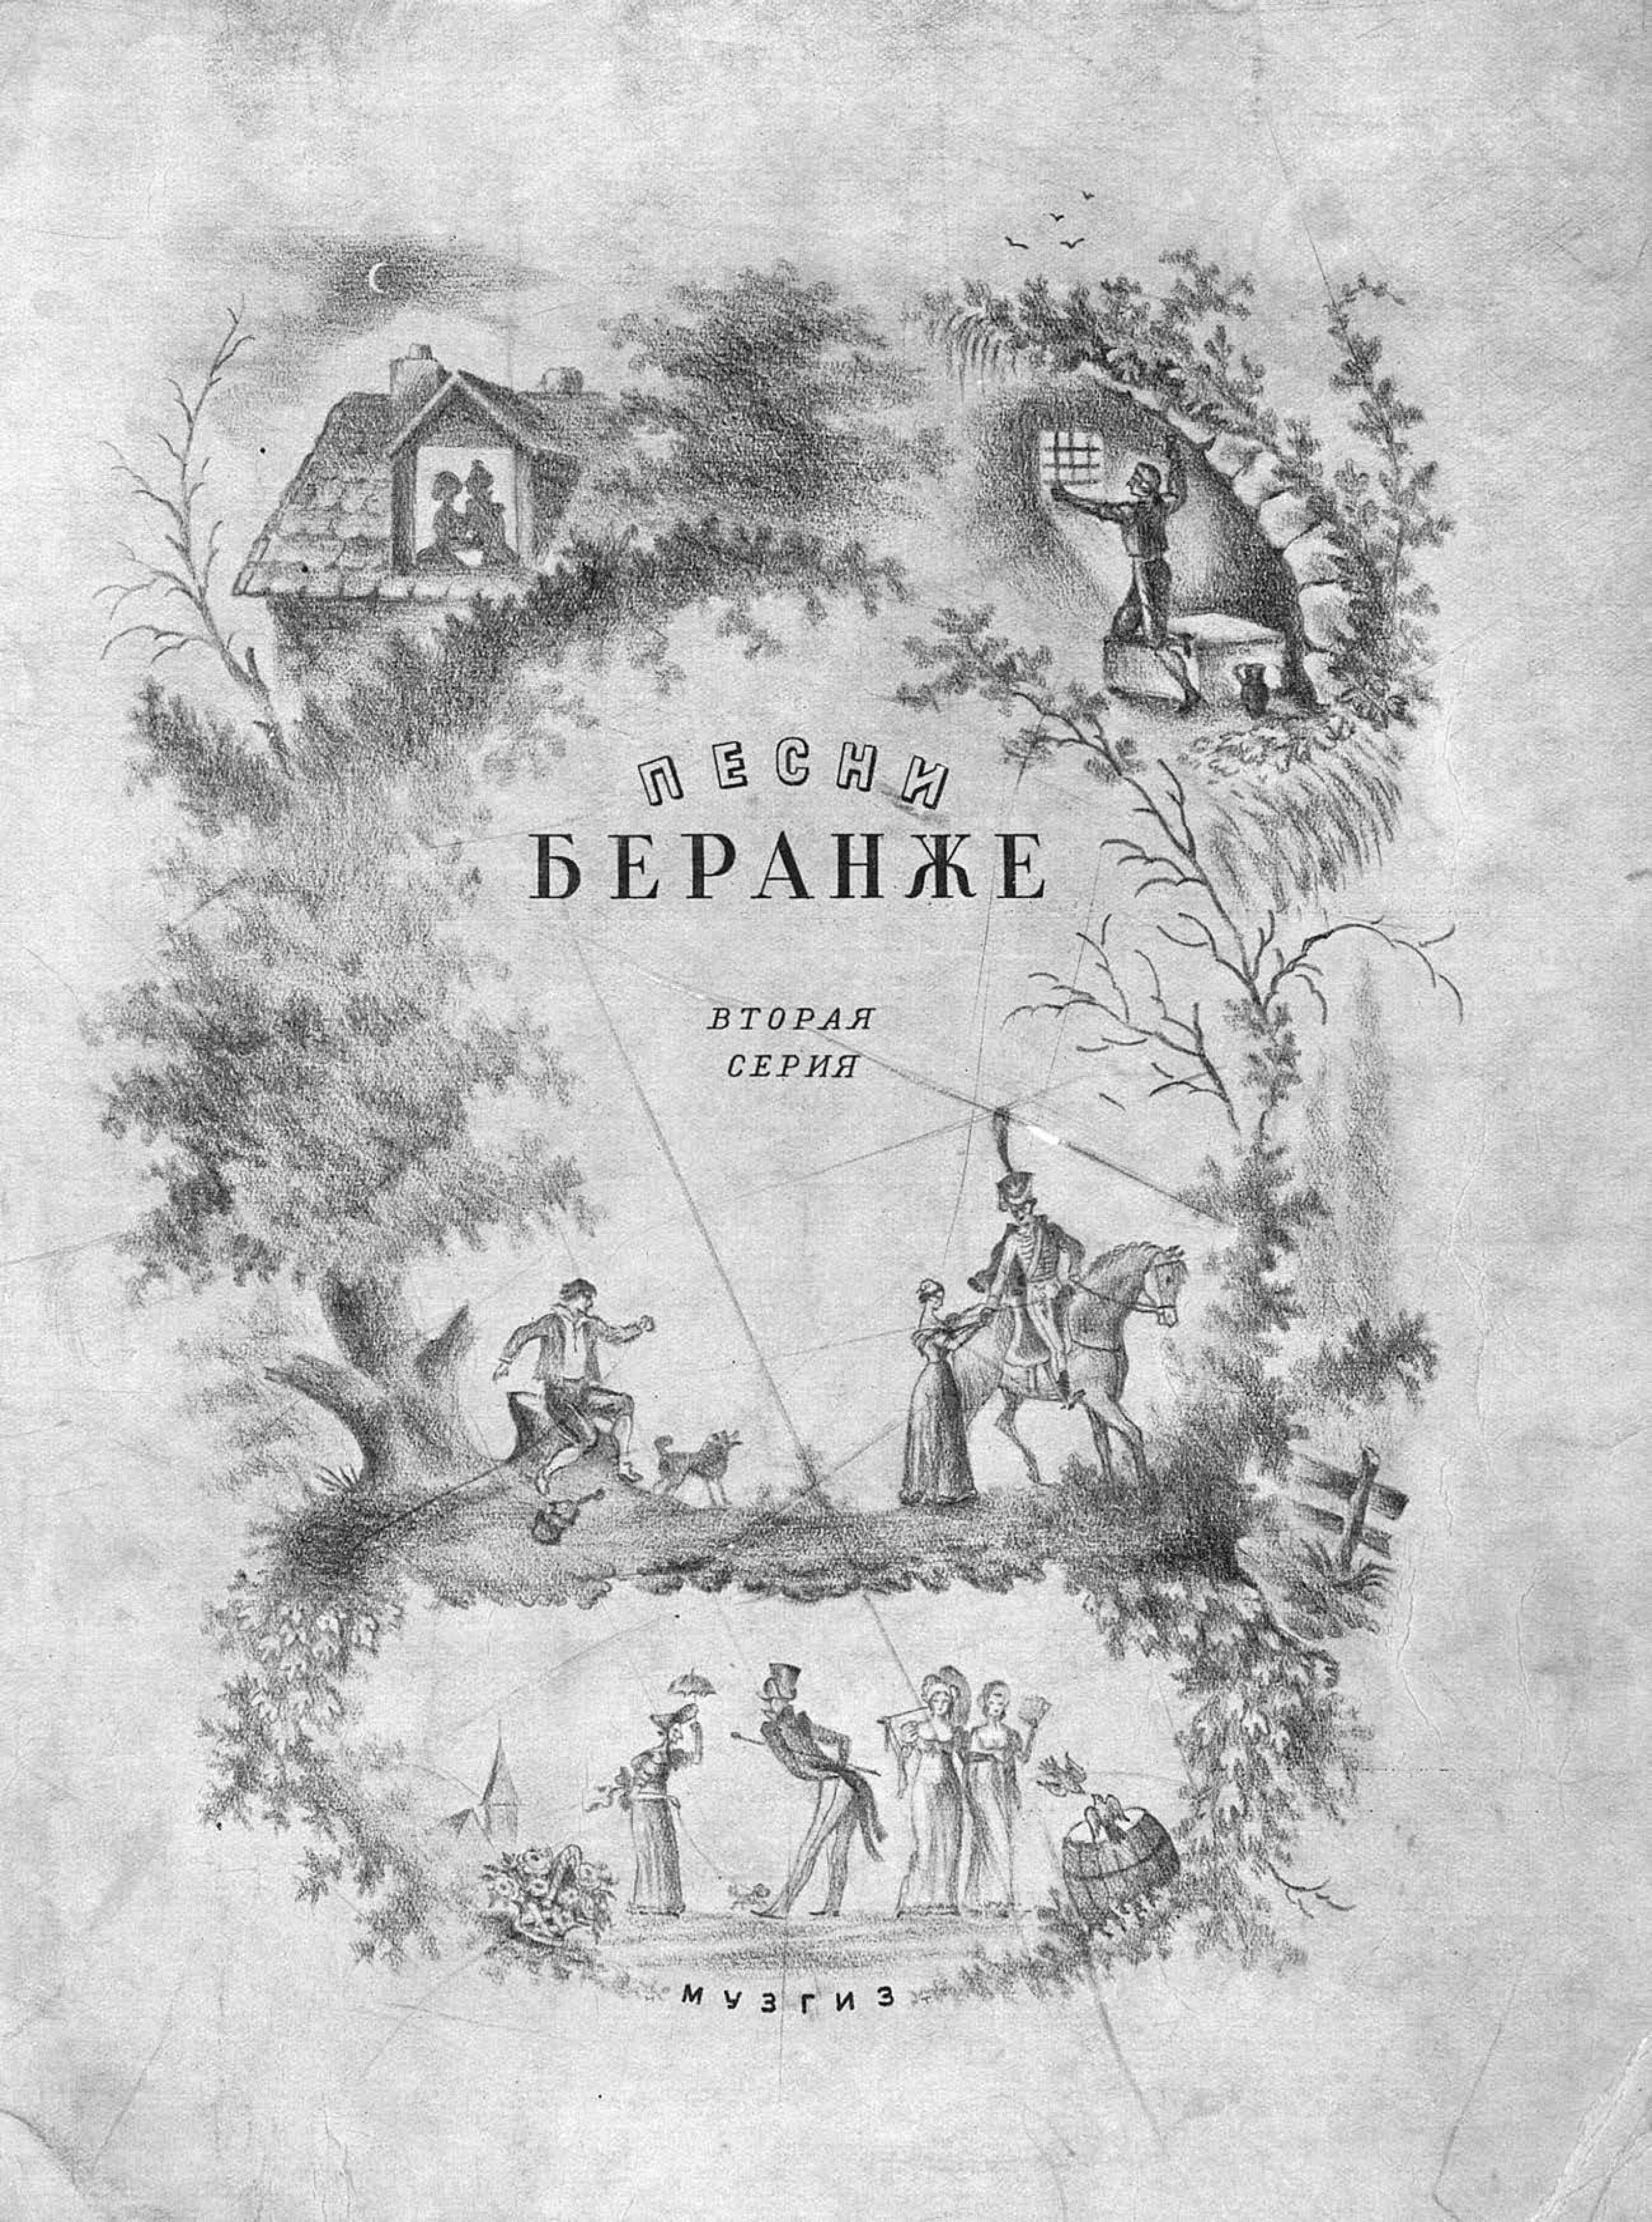 Народное творчество Песни Беранже народное творчество весільні пісні